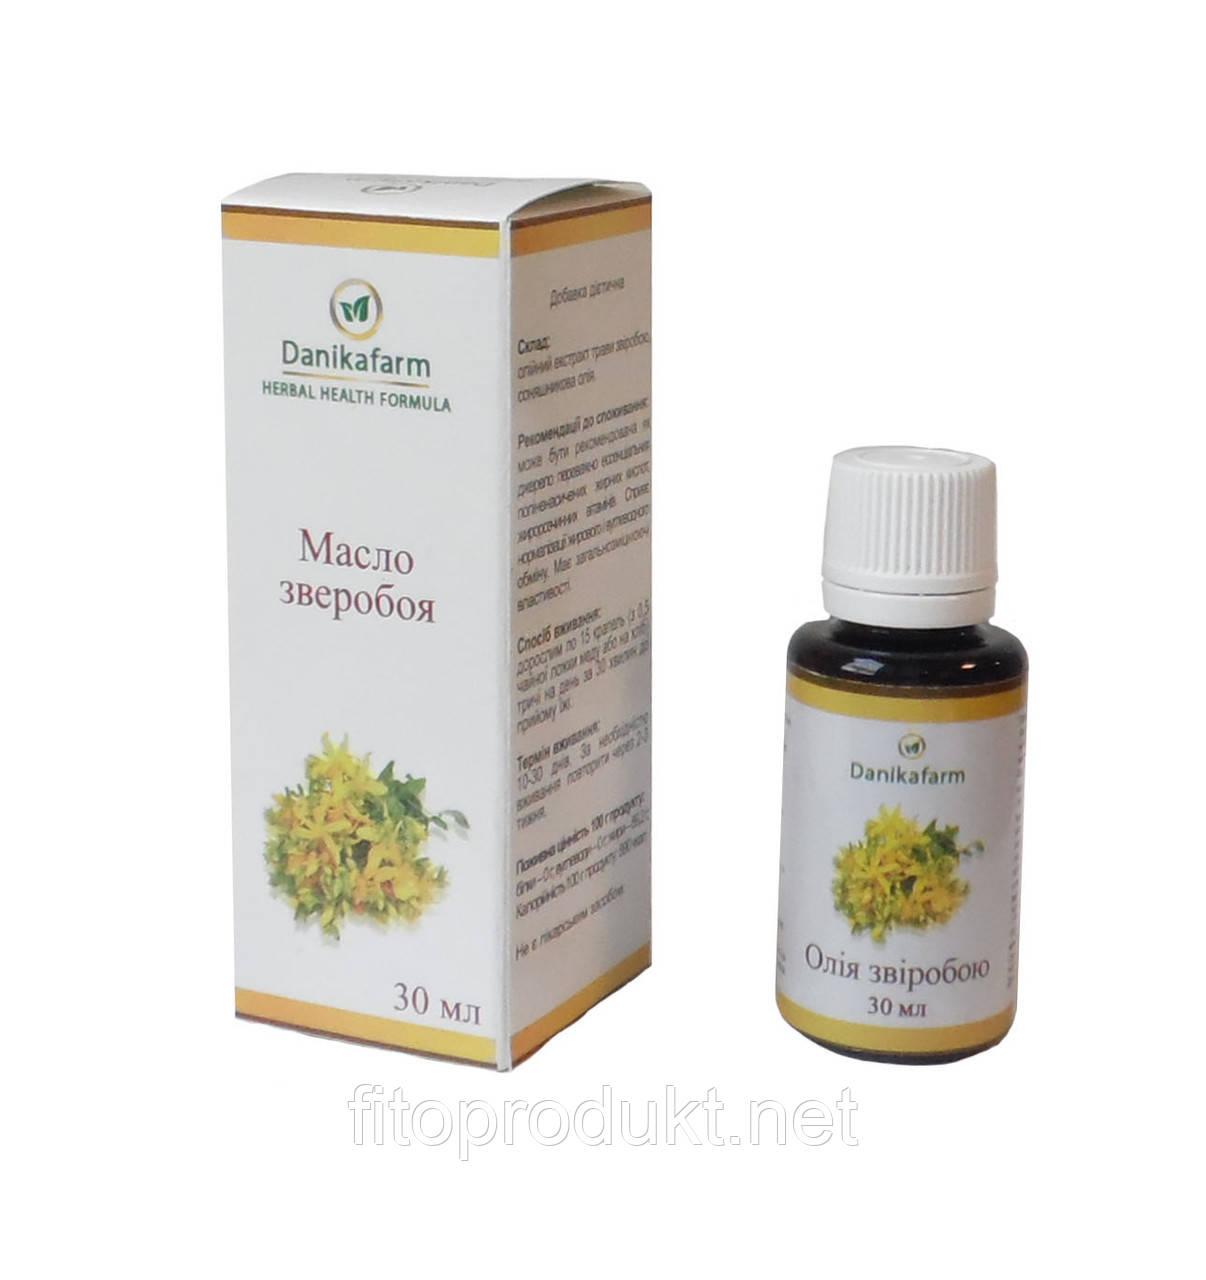 Зверобоя масло растительный антидепрессант 30 мл Даникафарм